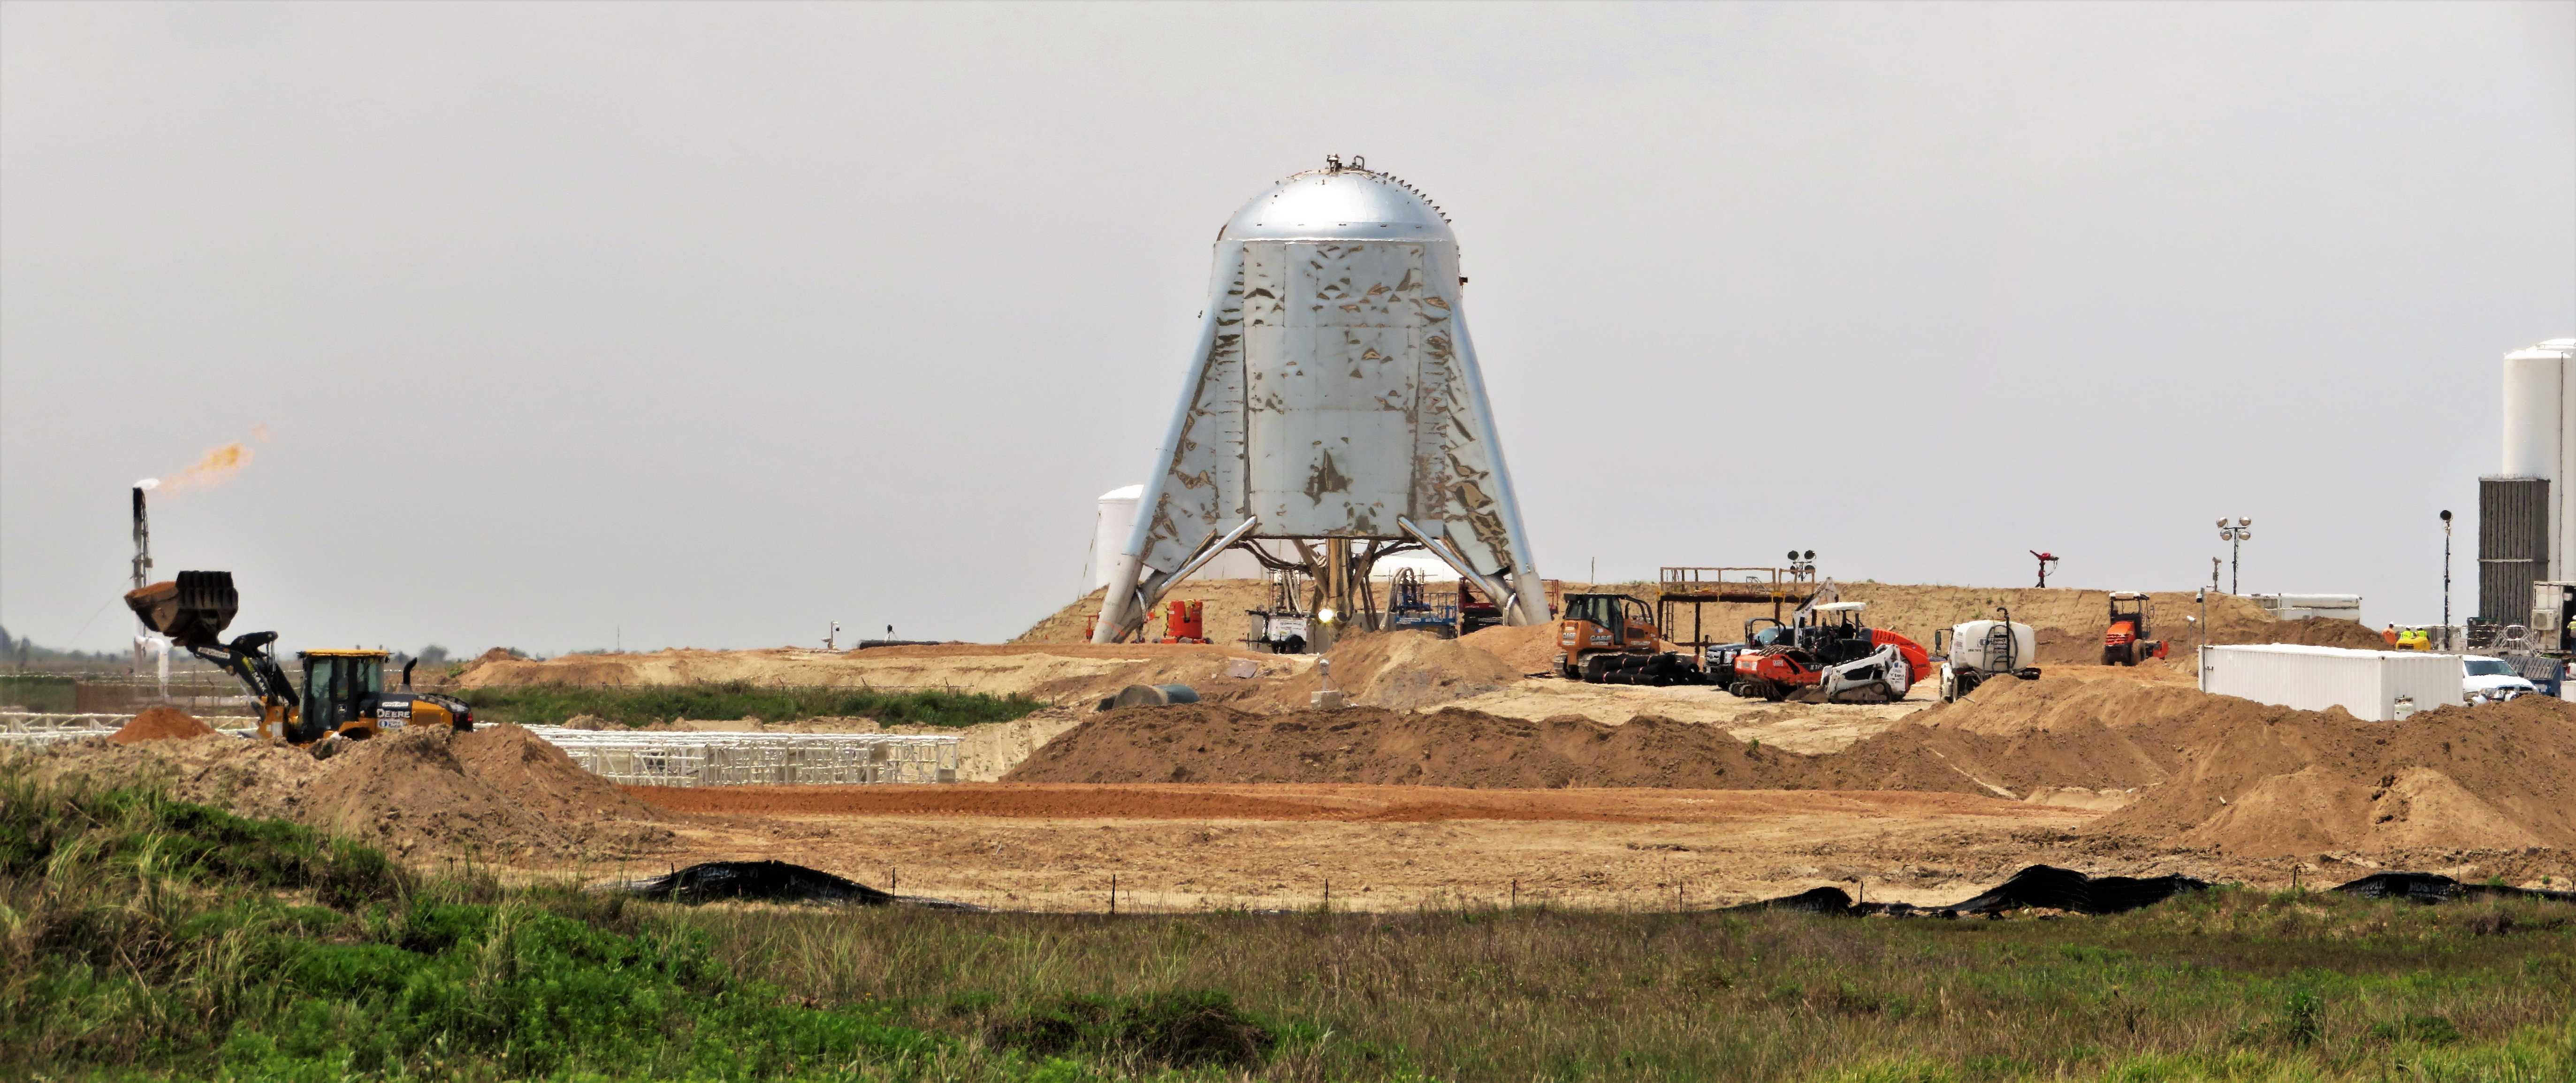 SpaceX wants to unleash Starhopper but longer Raptor test